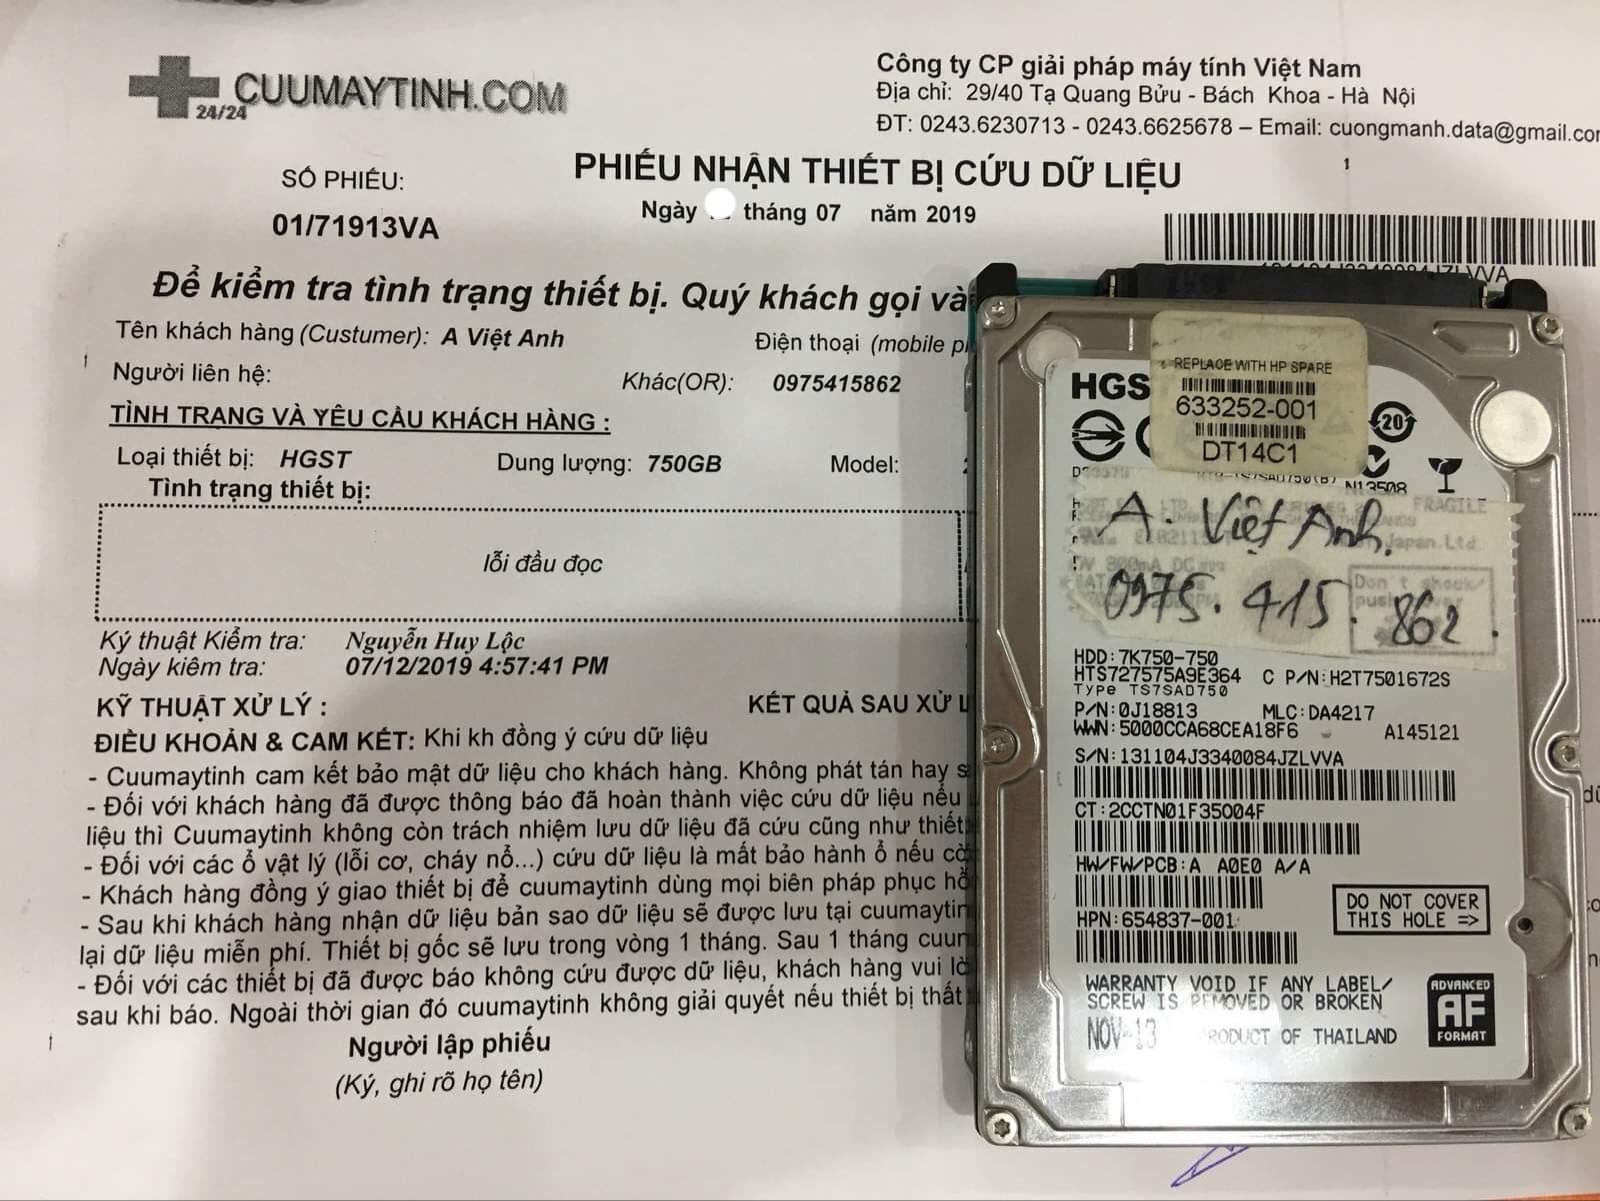 Lấy dữ liệu ổ cứng HGST 750GB lỗi đầu đọc 23/07/2019 - cuumaytinh